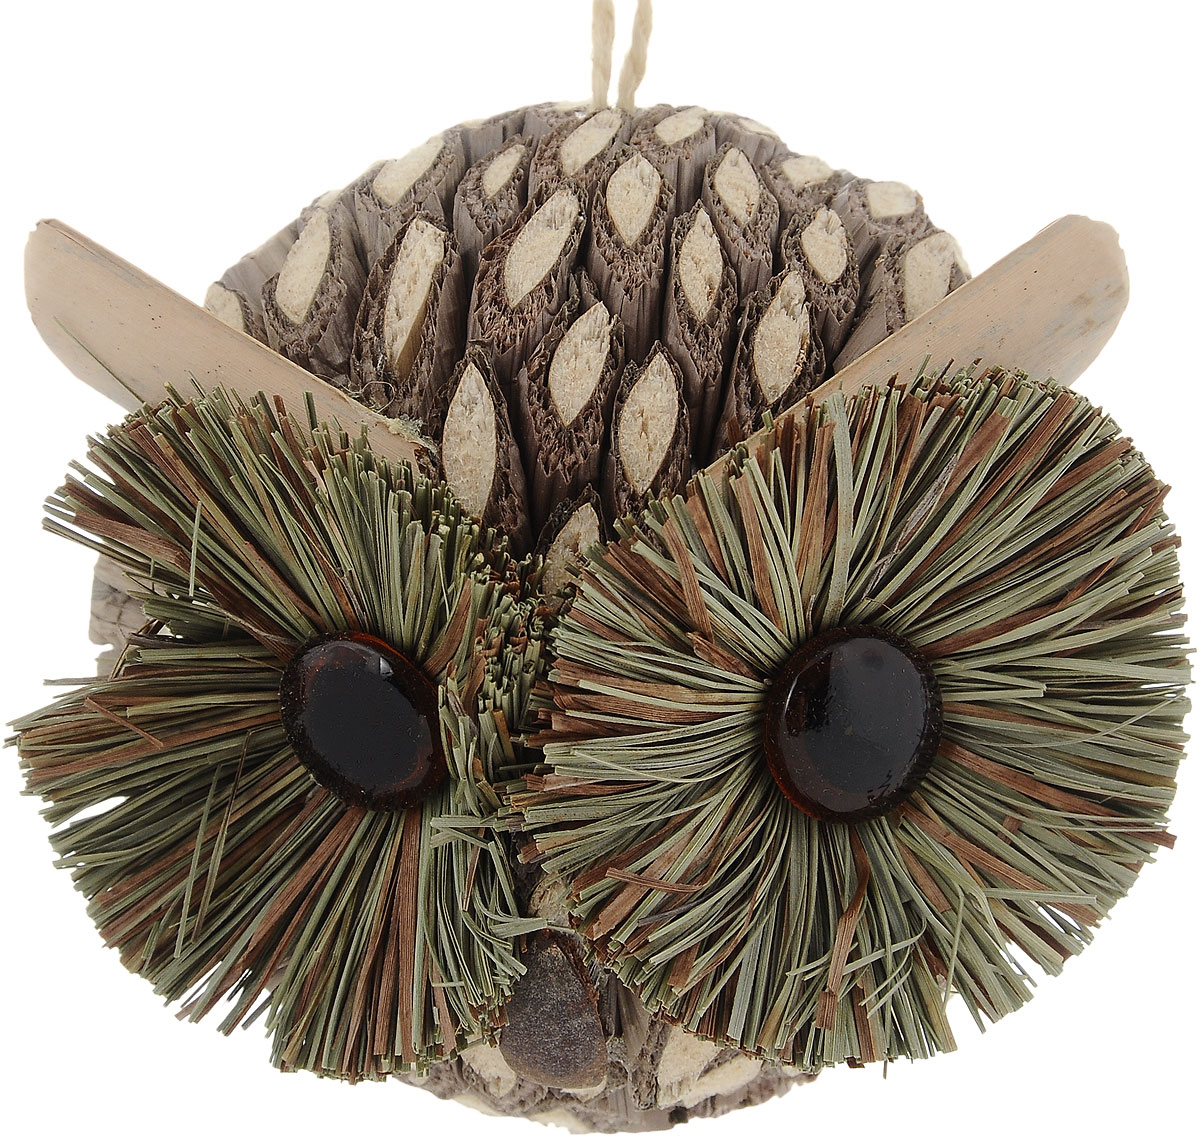 Украшение новогоднее подвесное Winter Wings Сова, диаметр 9 смN181392Новогоднее подвесное украшение Winter Wings Сова выполнено из соломы в виде очаровательной совы. С помощью специальной петельки украшение можно повесить в любом понравившемся вам месте. Но, конечно, удачнее всего оно будет смотреться на праздничной елке.Елочная игрушка - символ Нового года. Она несет в себе волшебство и красоту праздника. Создайте в своем доме атмосферу веселья и радости, украшая новогоднюю елку нарядными игрушками, которые будут из года в год накапливать теплоту воспоминаний.Диаметр: 9 см.